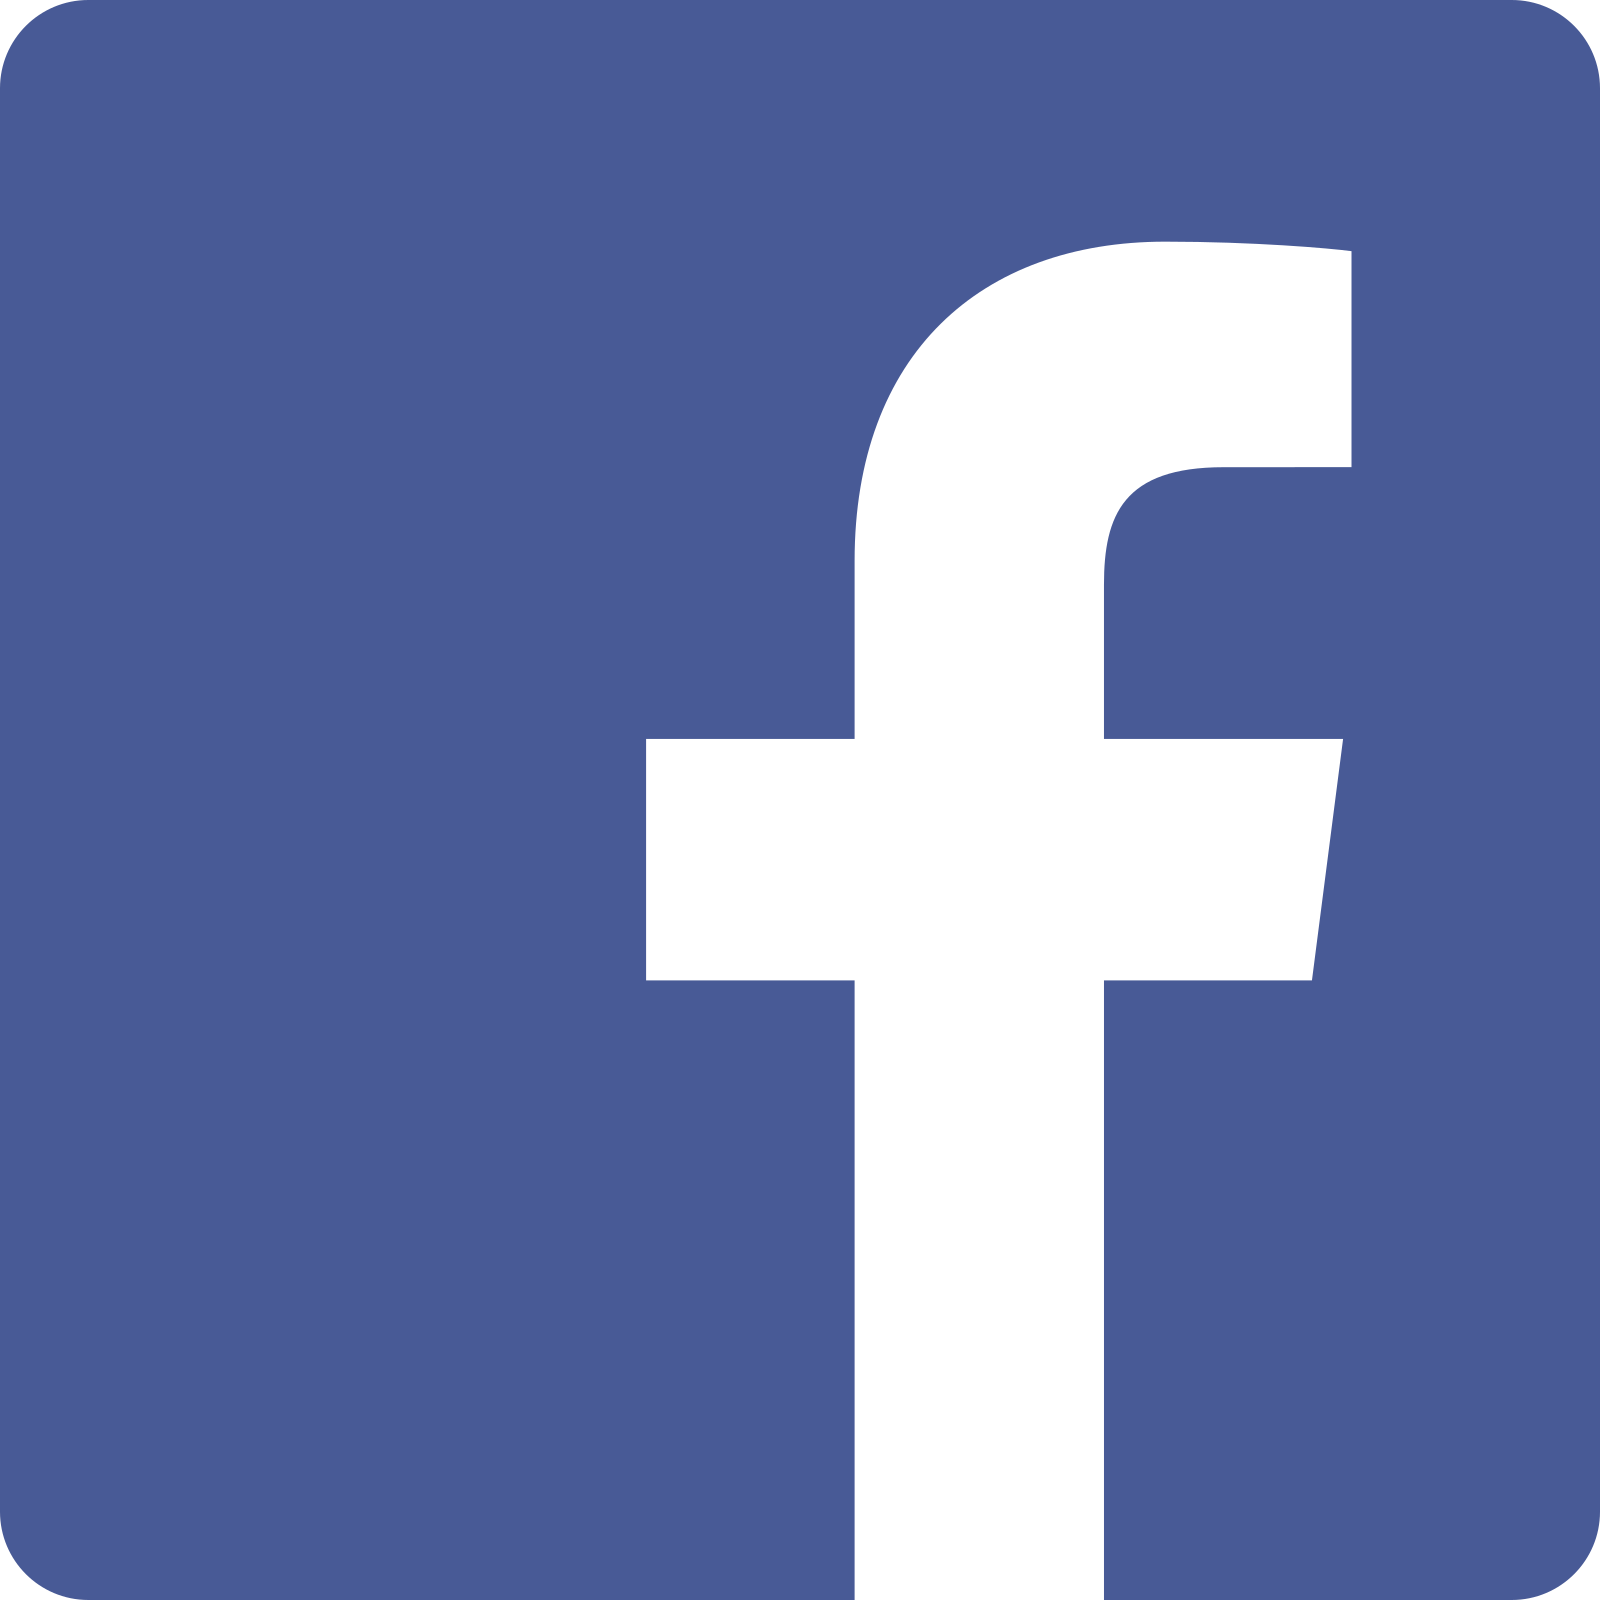 facebook-logo-5